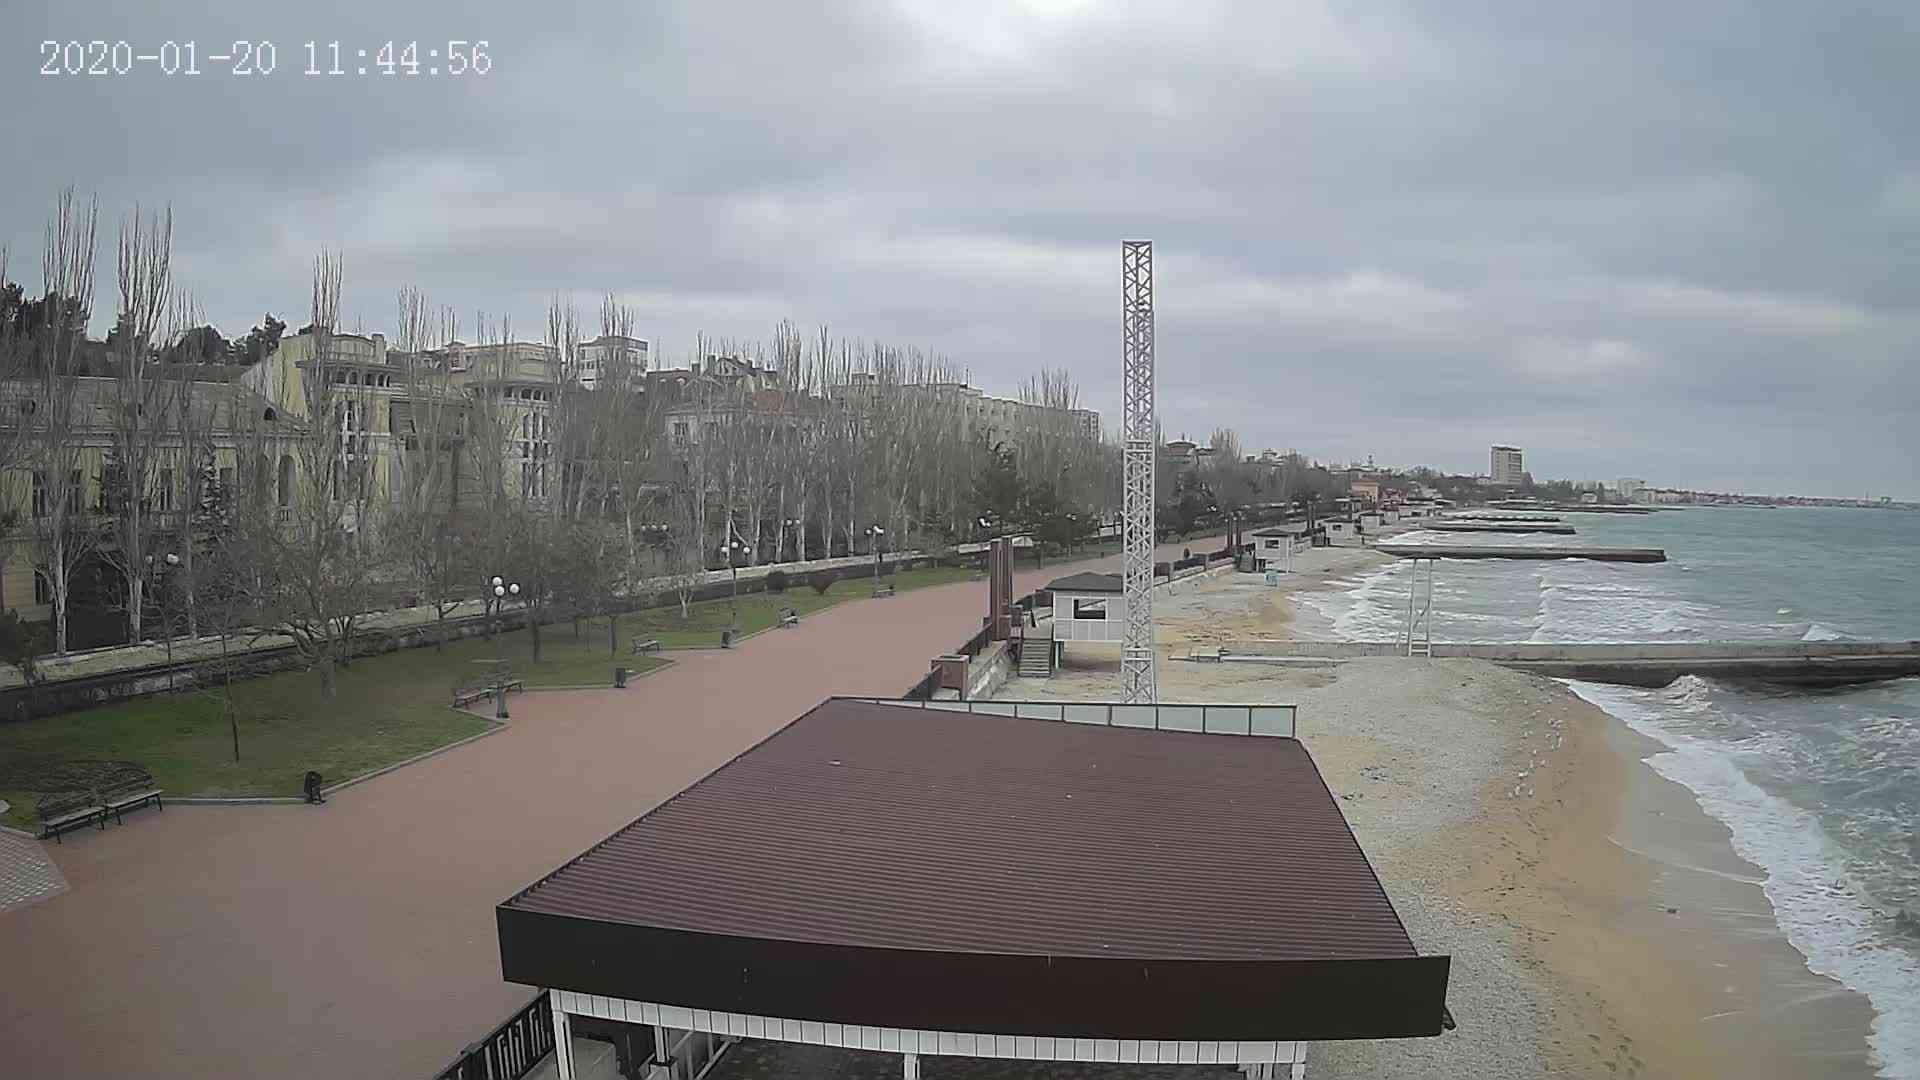 Веб-камеры Феодосии, Пляж Камешки, 2020-01-20 11:45:21